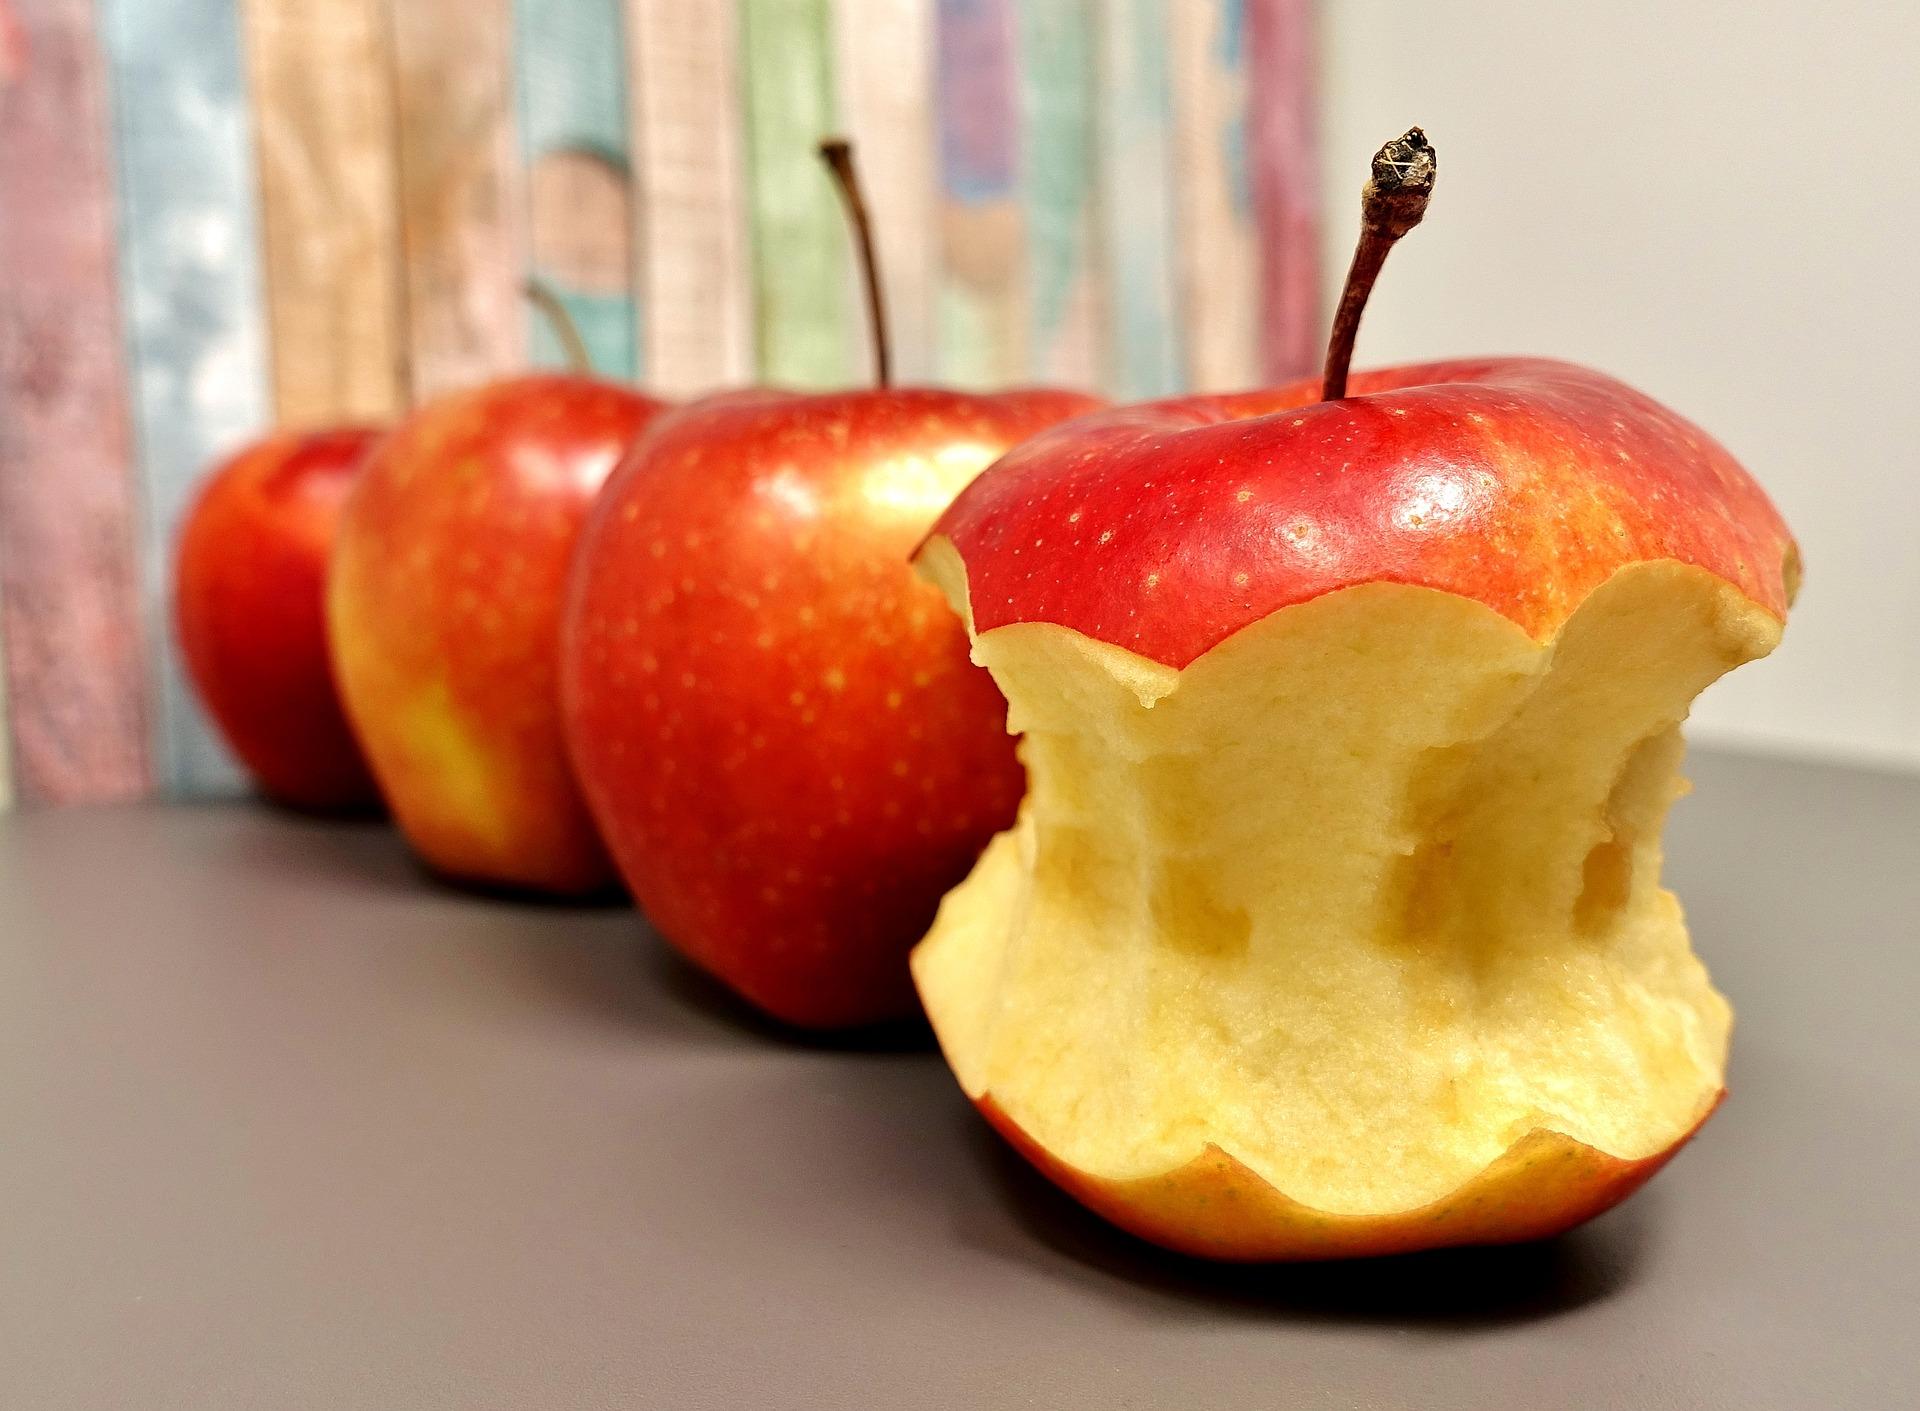 Rychlé hubnutí vyžaduje nízkokalorický jídelníček / pixabay.com